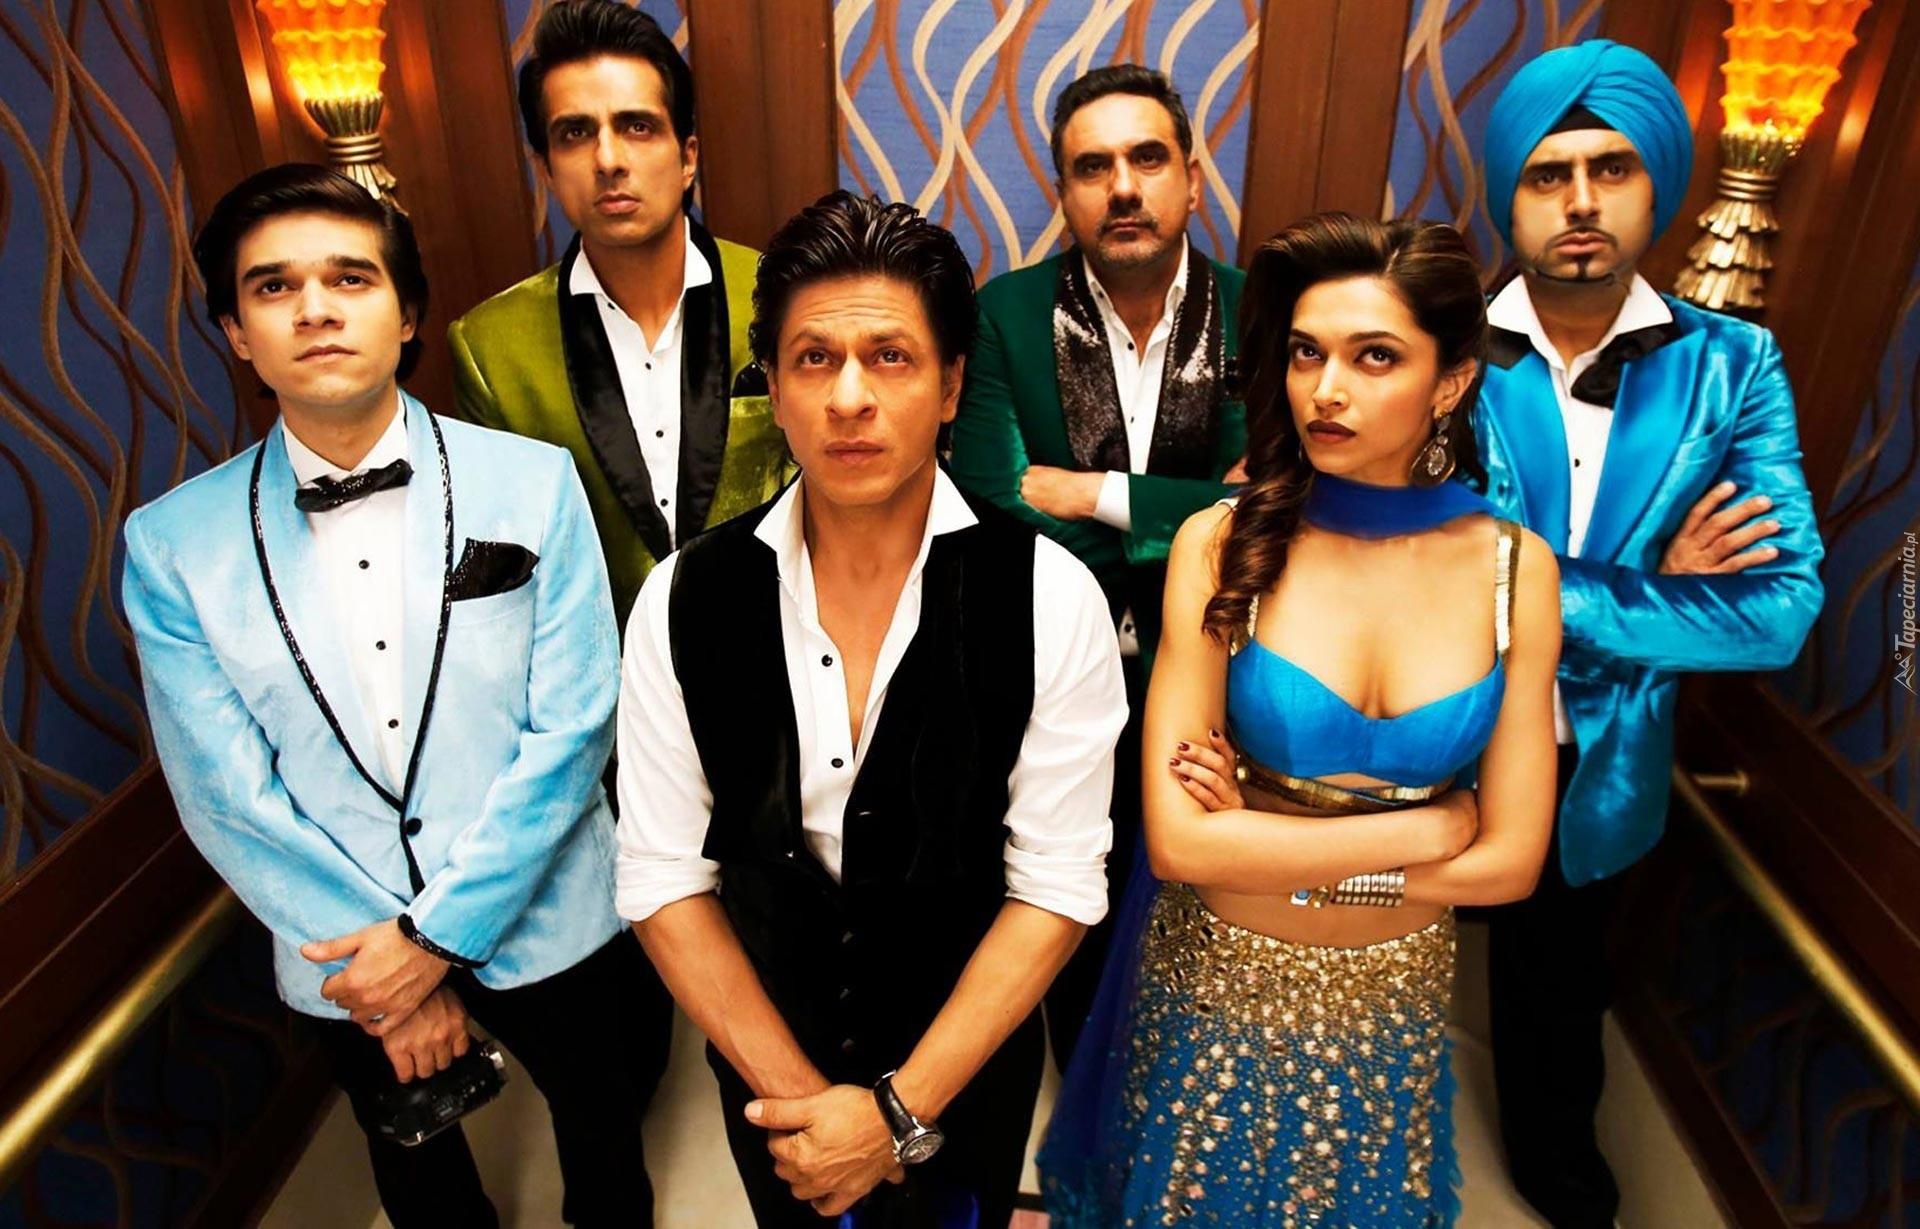 Film, Bollywood, Aktorzy, Deepika Padukone, Shahrukh Khan